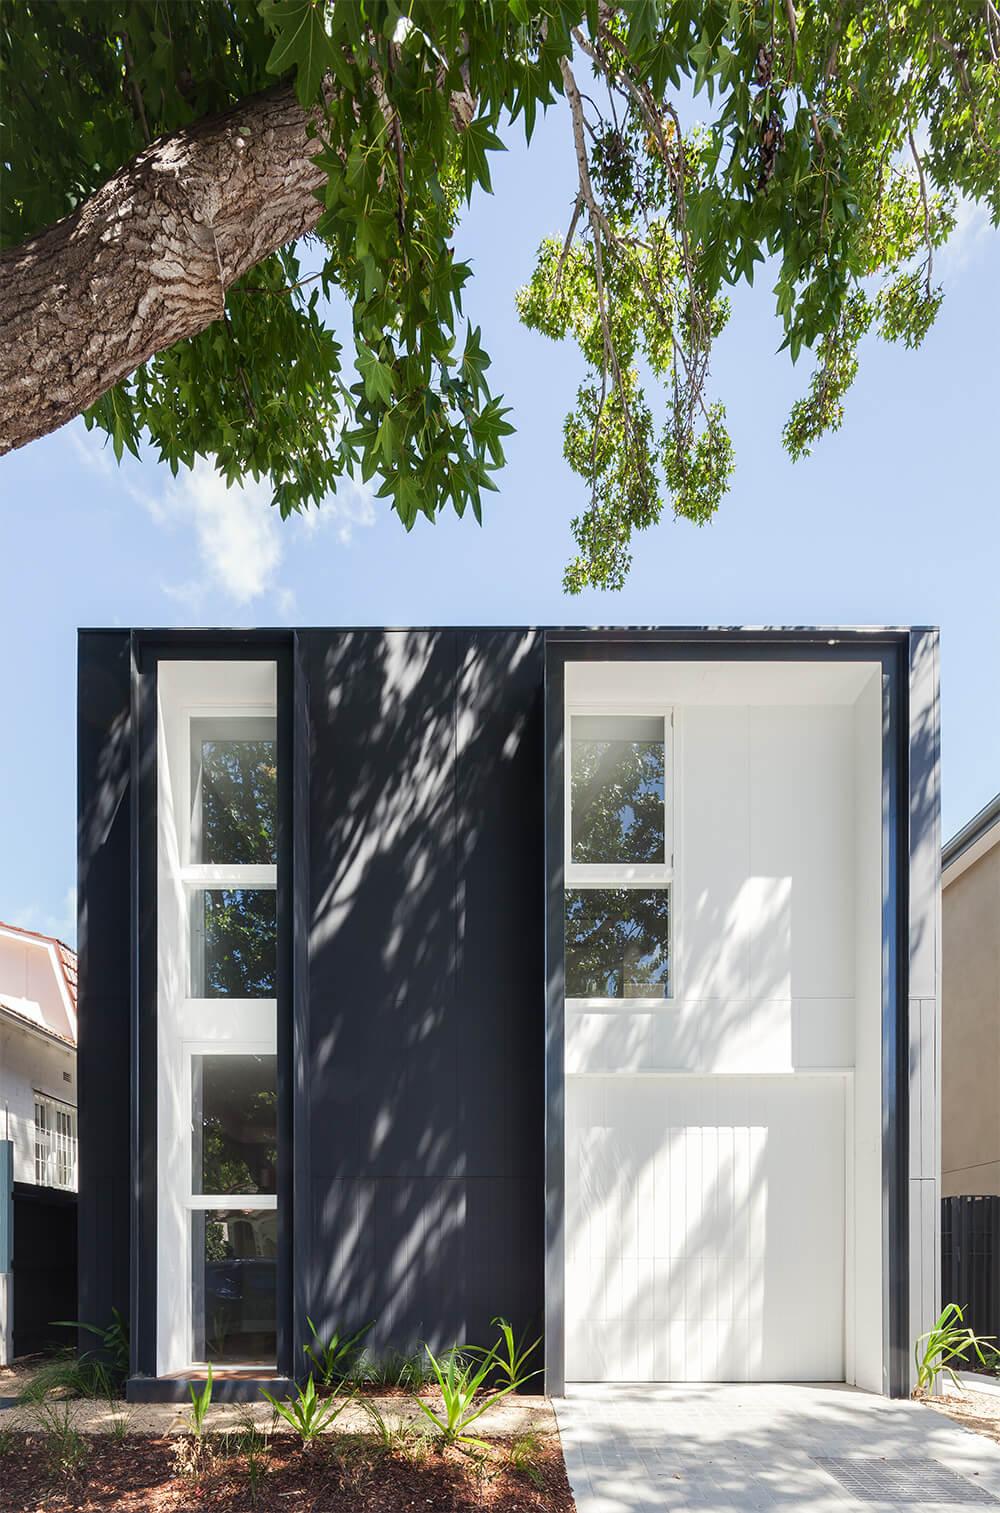 Maison d'architecte contemporaine en noir et blanc